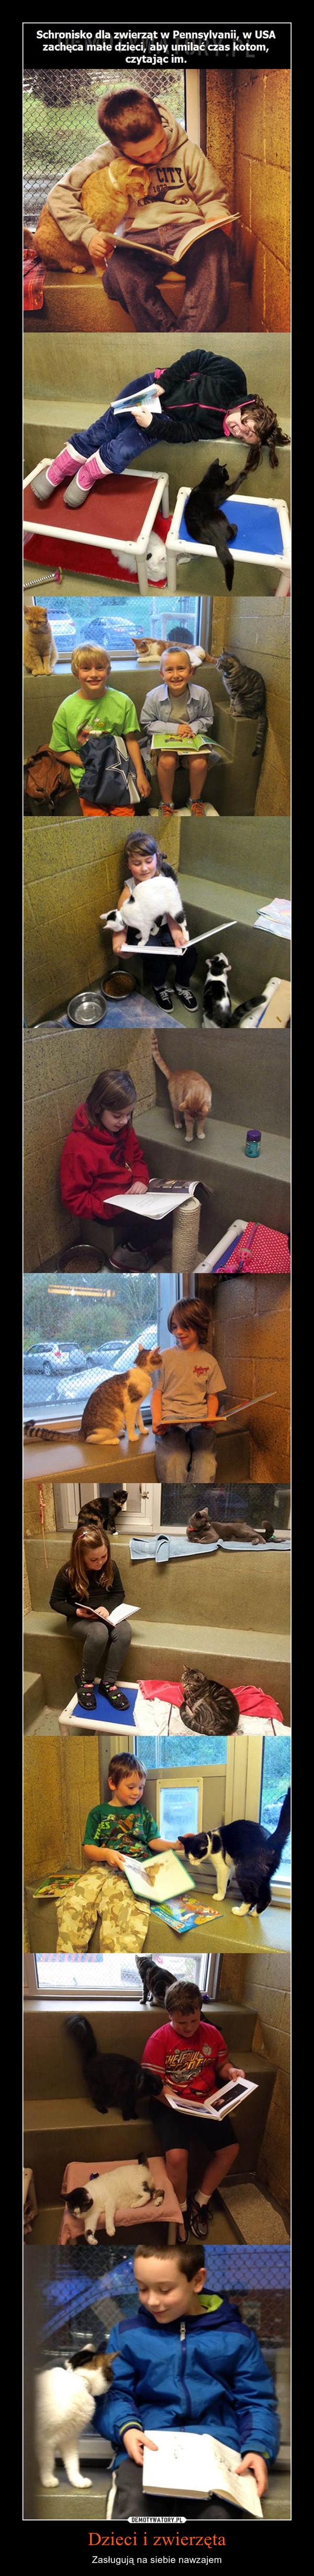 Dzieci i zwierzęta – Zasługują na siebie nawzajem